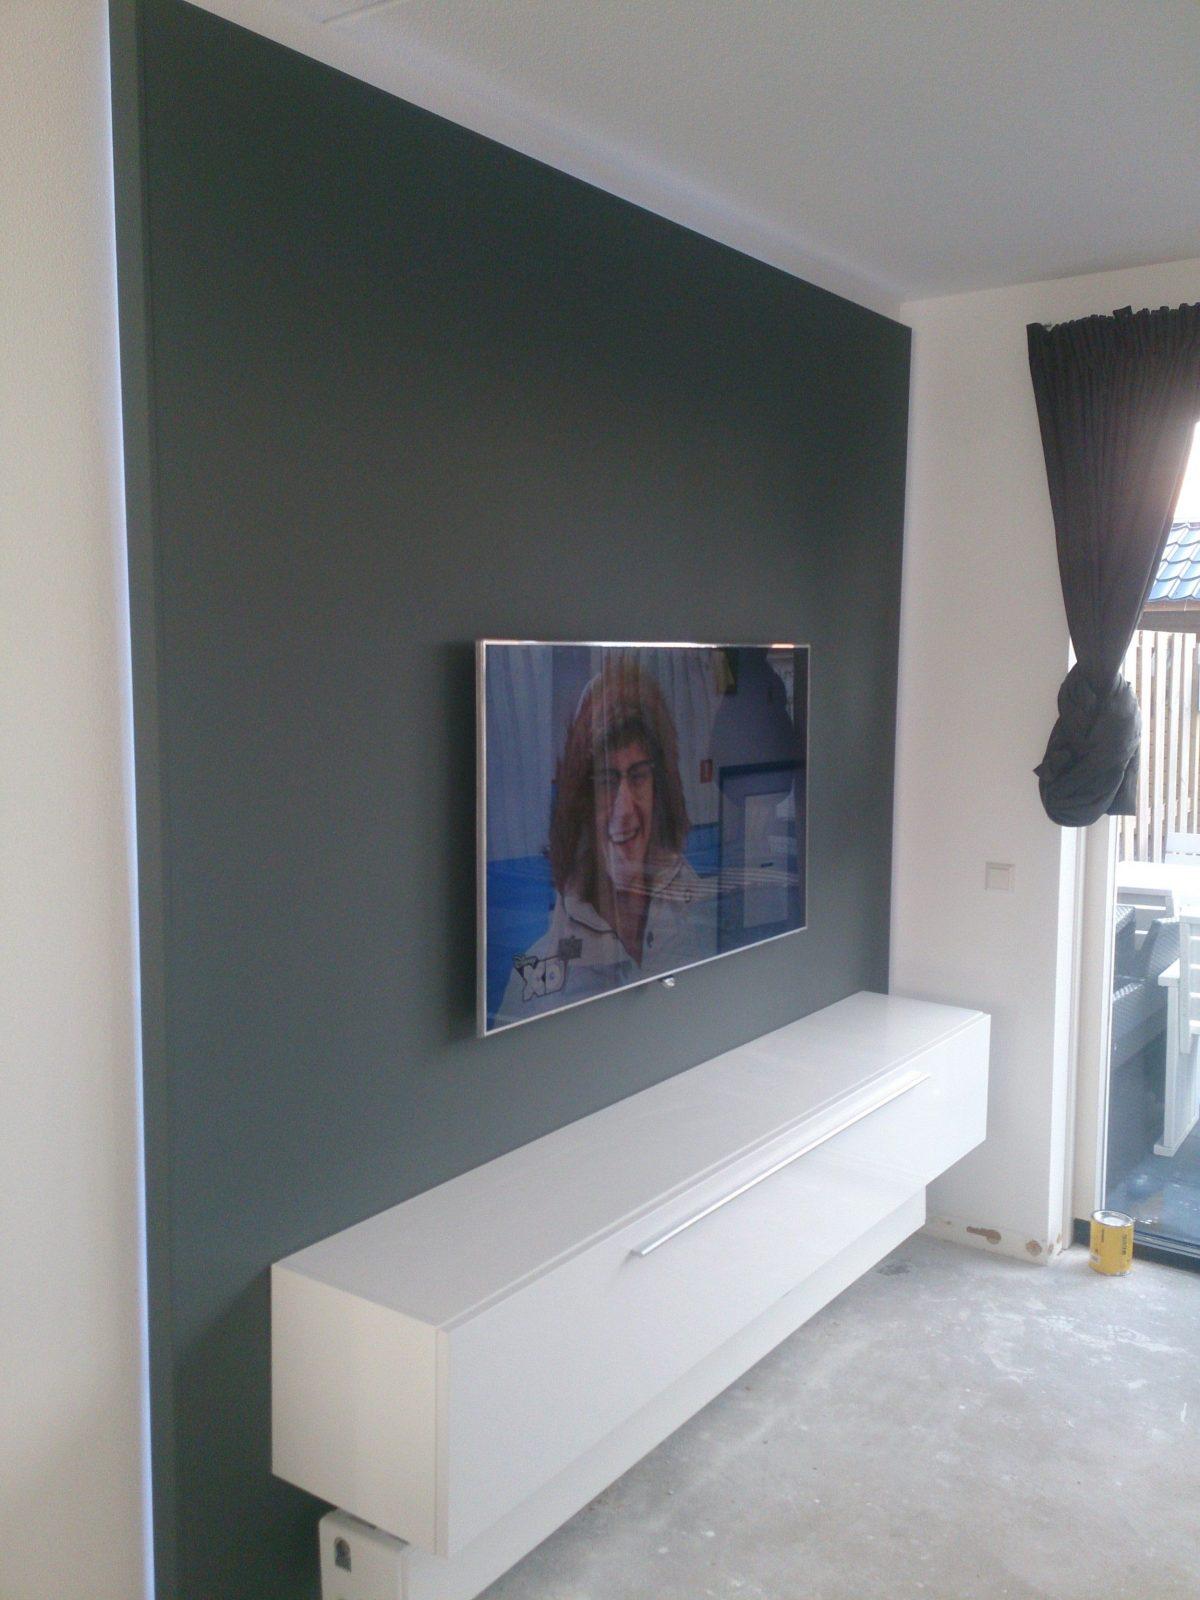 Mediawand Selber Bauen Mit Tv Wand Youtube 18 Und Maxresdefault von Media Wand Selber Bauen Bild